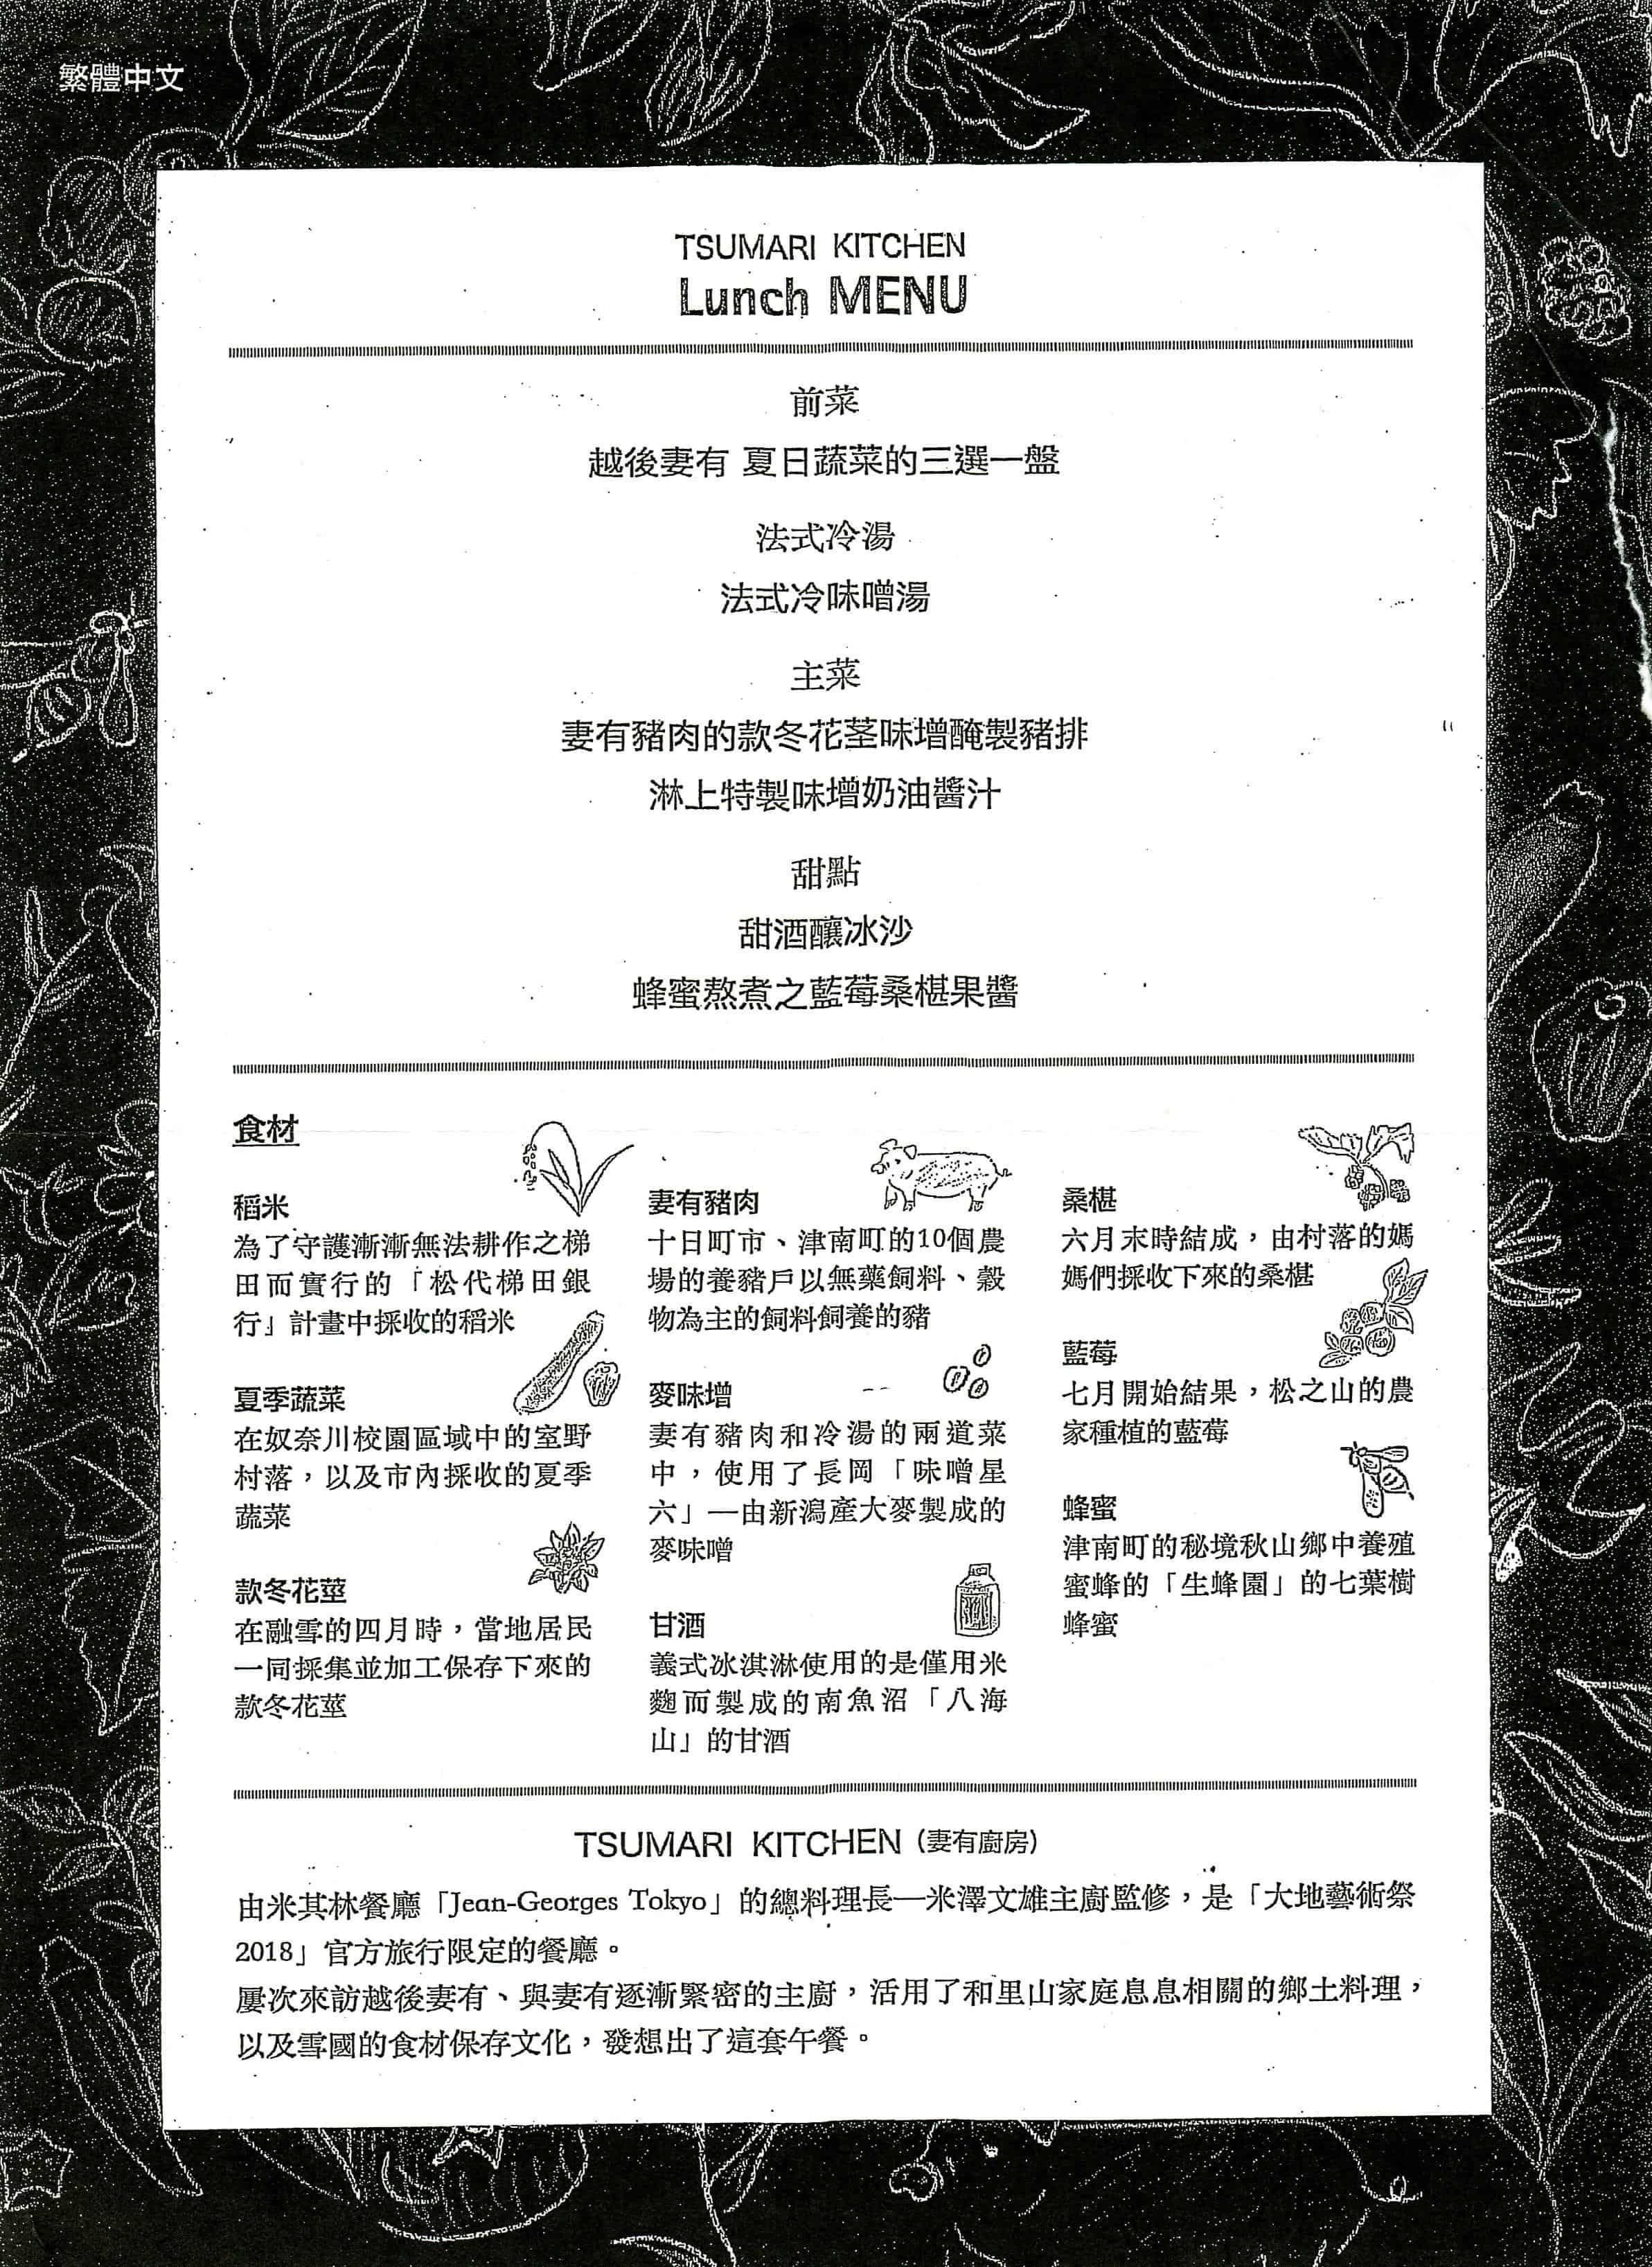 奴奈川校園-TSUMARI KITCHEN,米澤文雄(Jean-Georges),中文菜單 art-field 奴奈川校園-TSUMARI KITCHEN tsumari kitchen 01